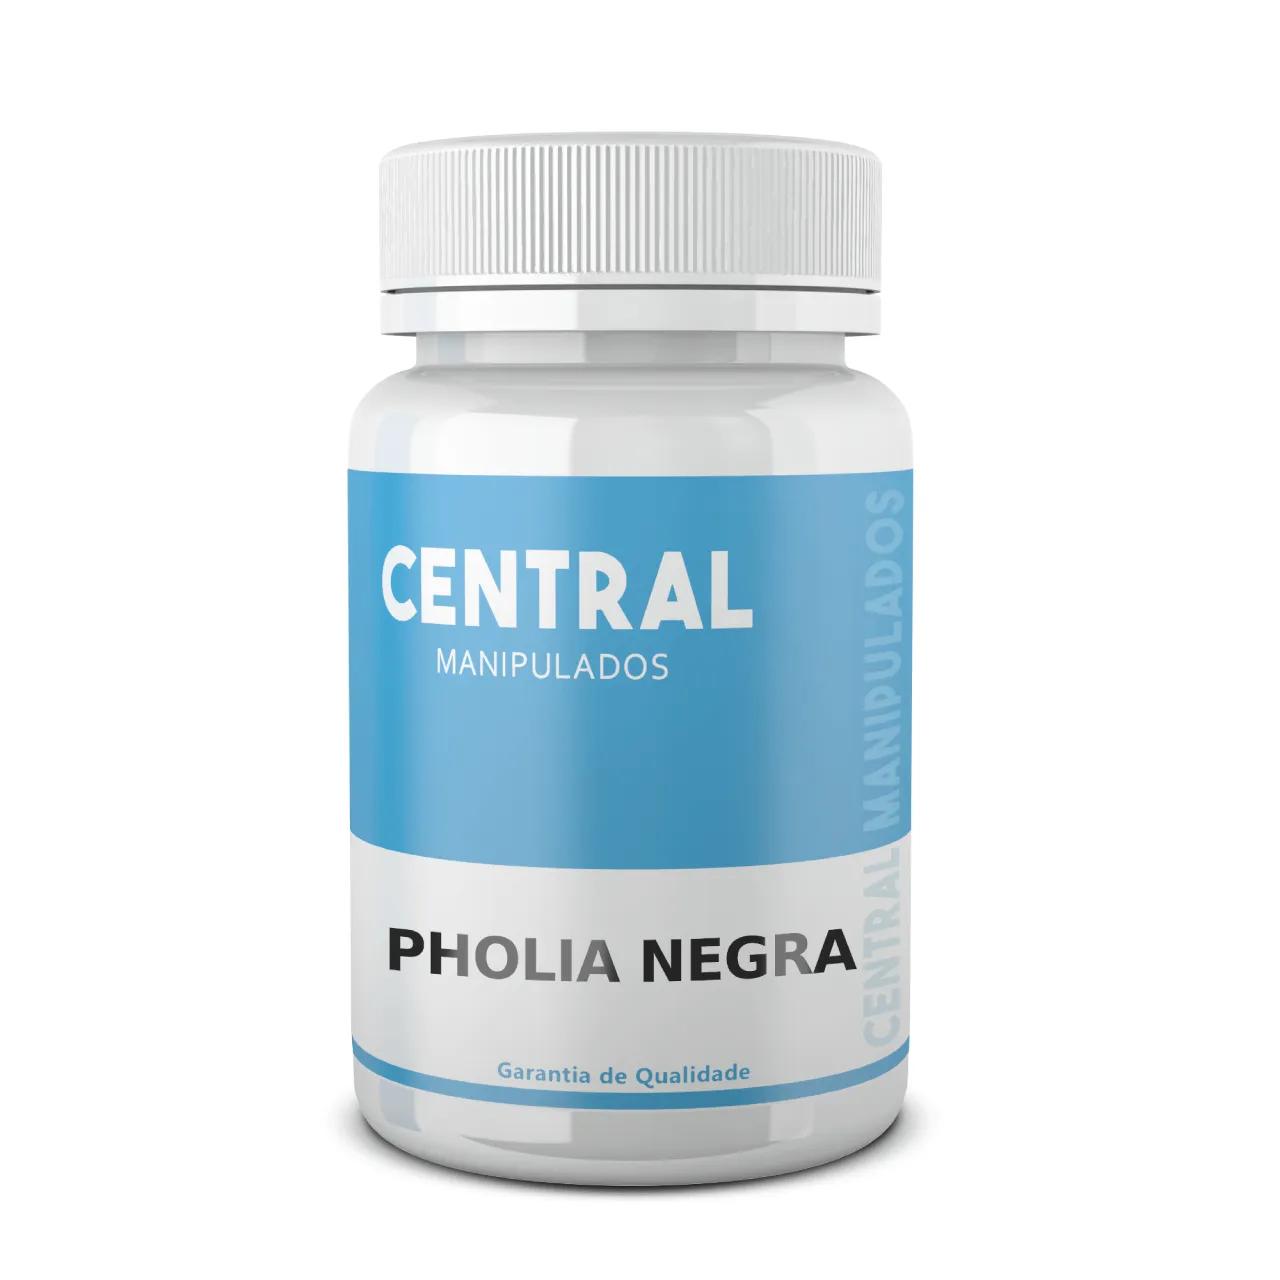 Pholia Negra 500mg  30 Doses = 60 cápsulas - Perda de Peso, Melhora o Colesterol, Promove Saciedade